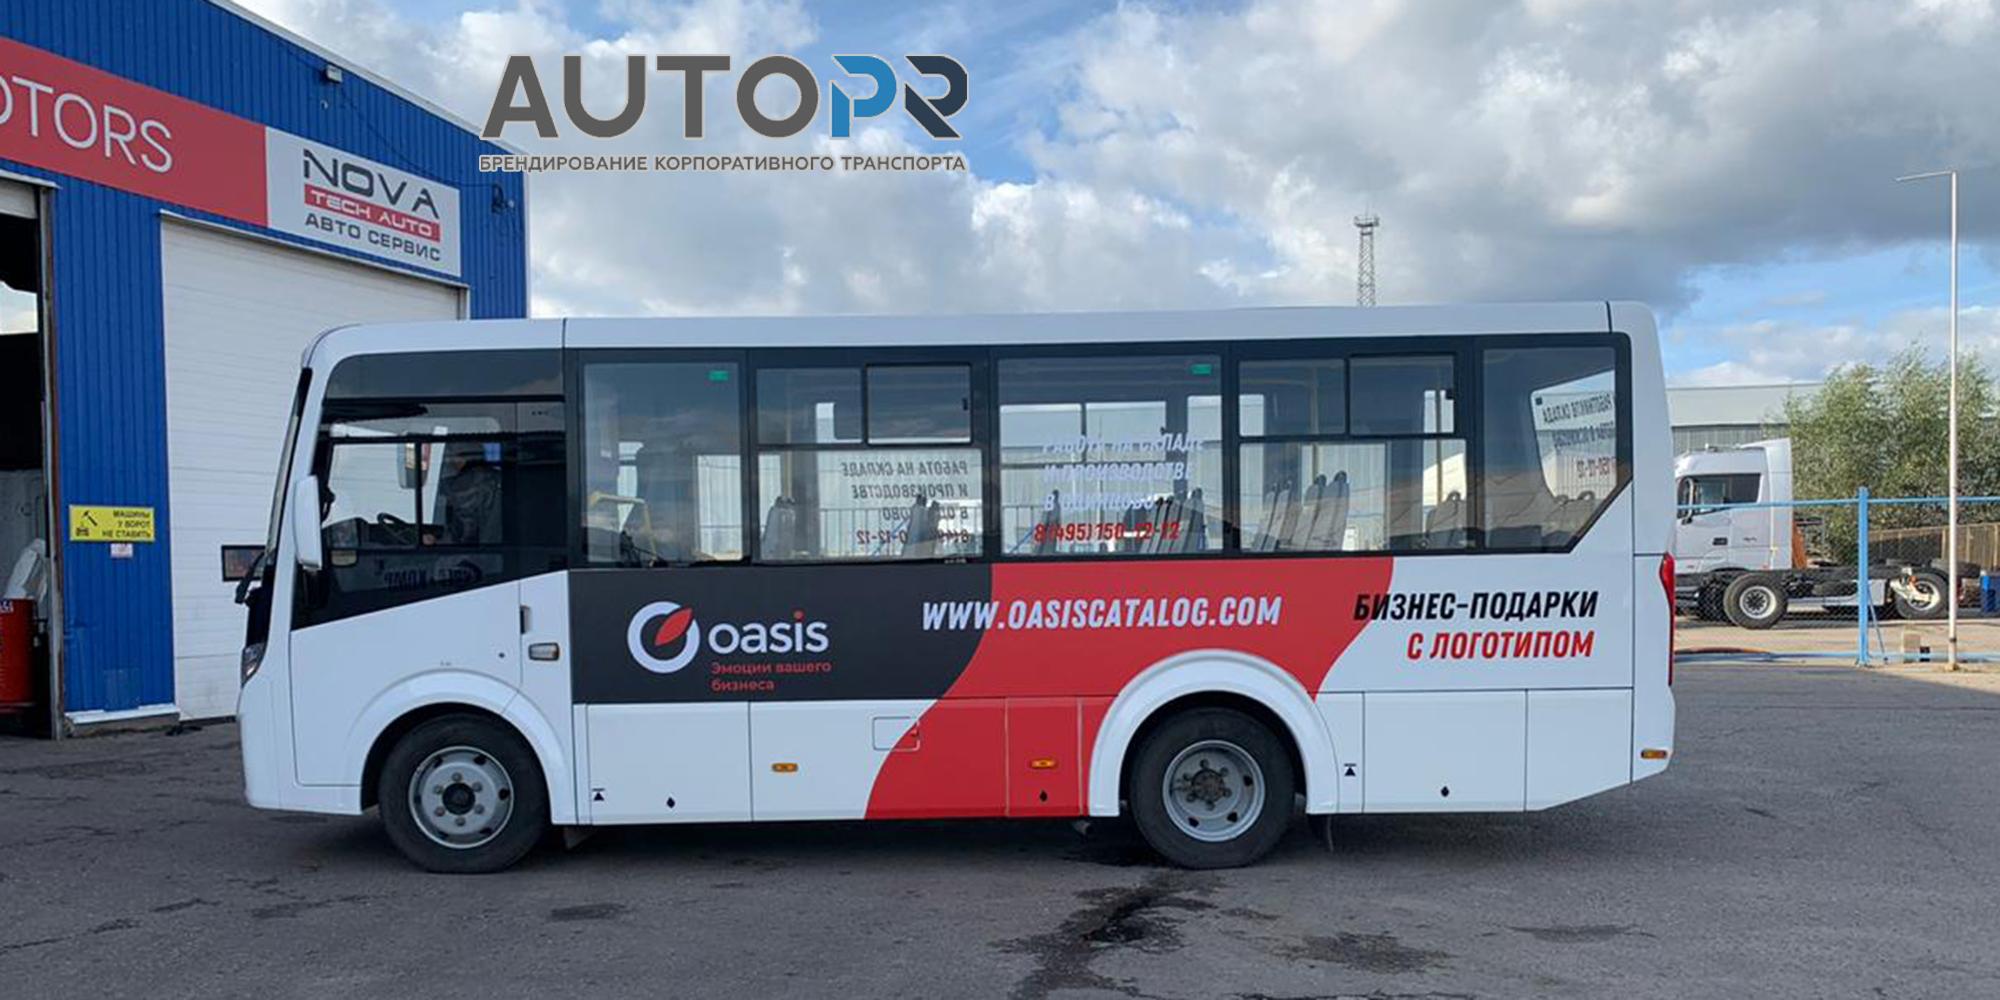 оклейка автобуса Oasis 1